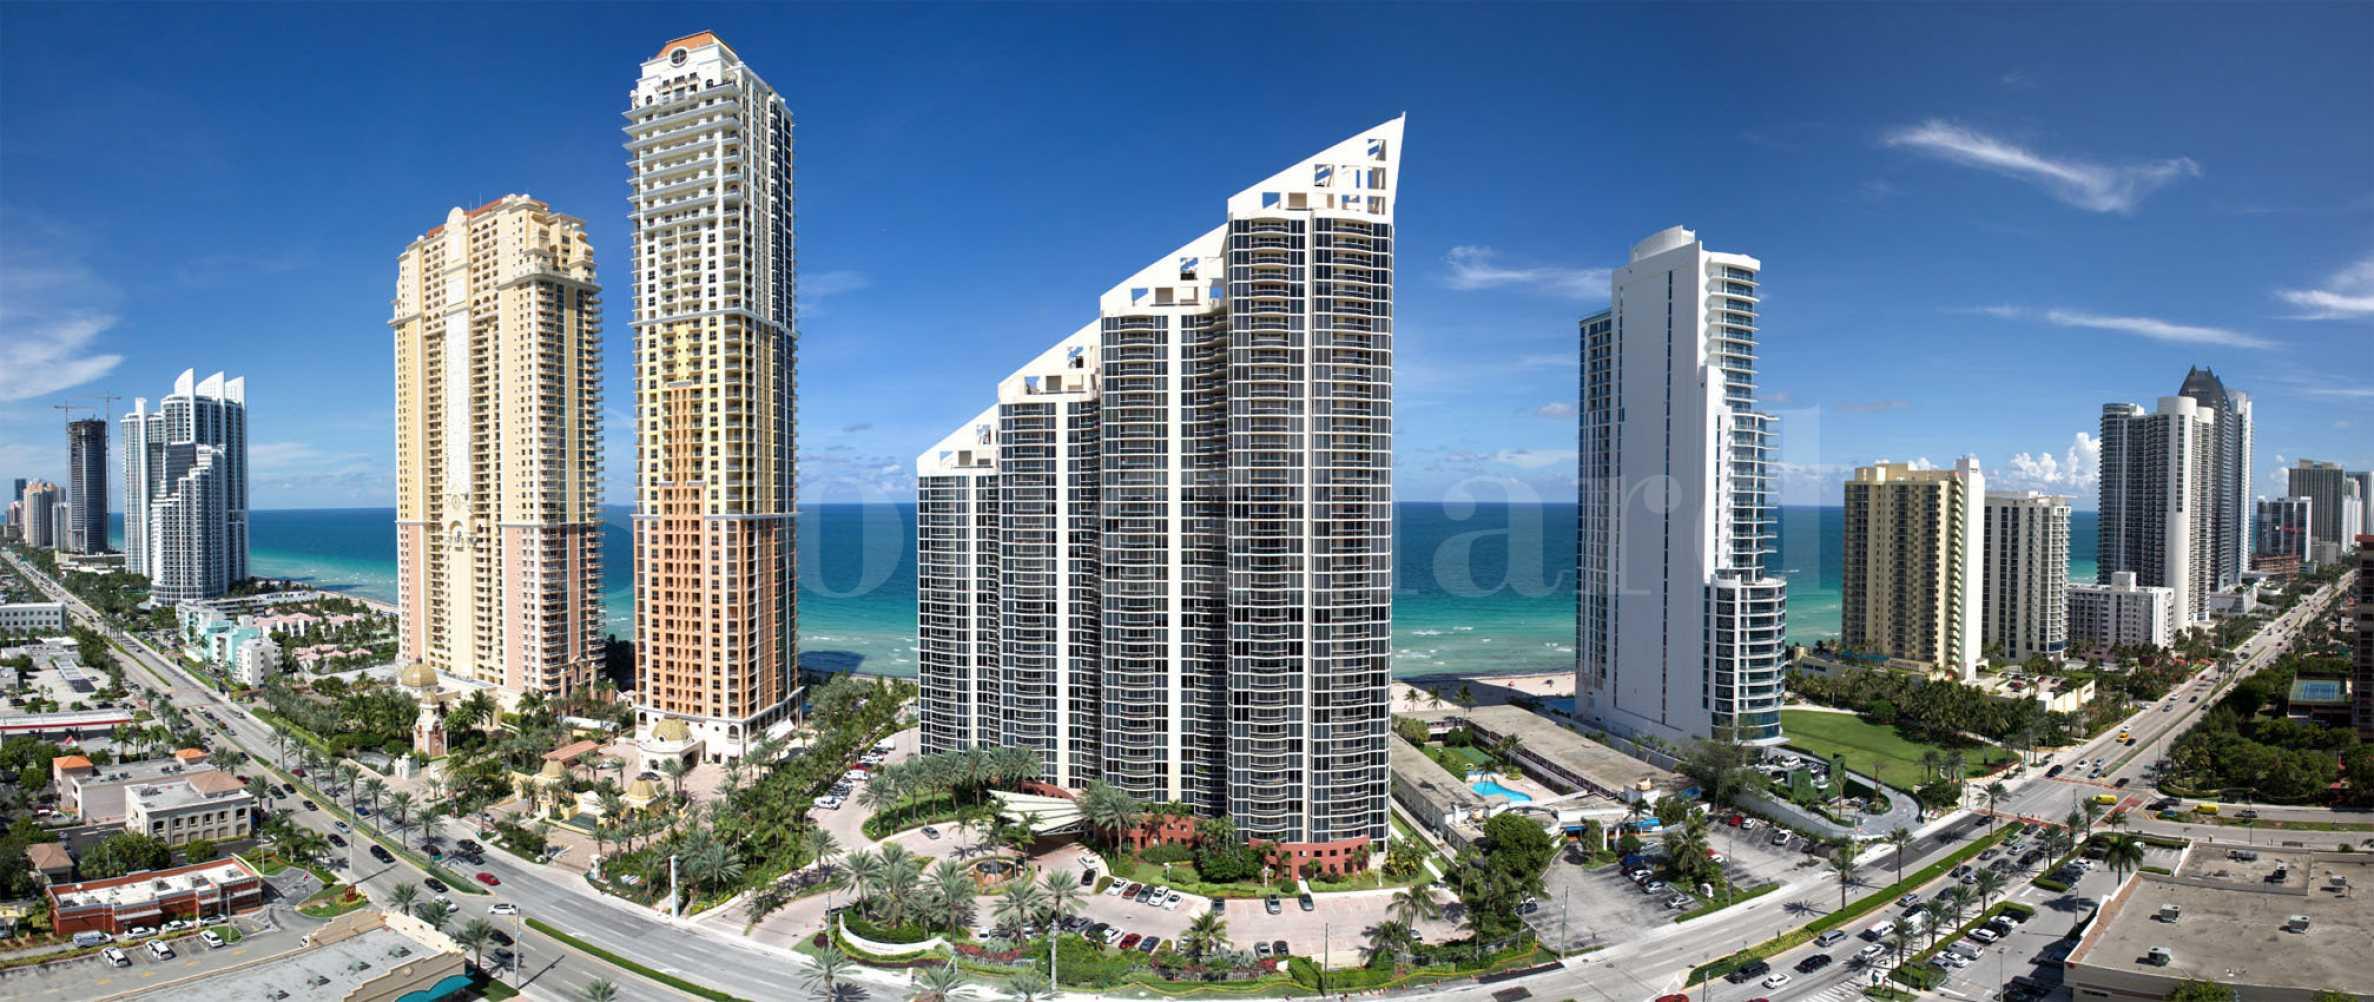 Аurorа, new boutique residential building, Miami 1 - Stonehard